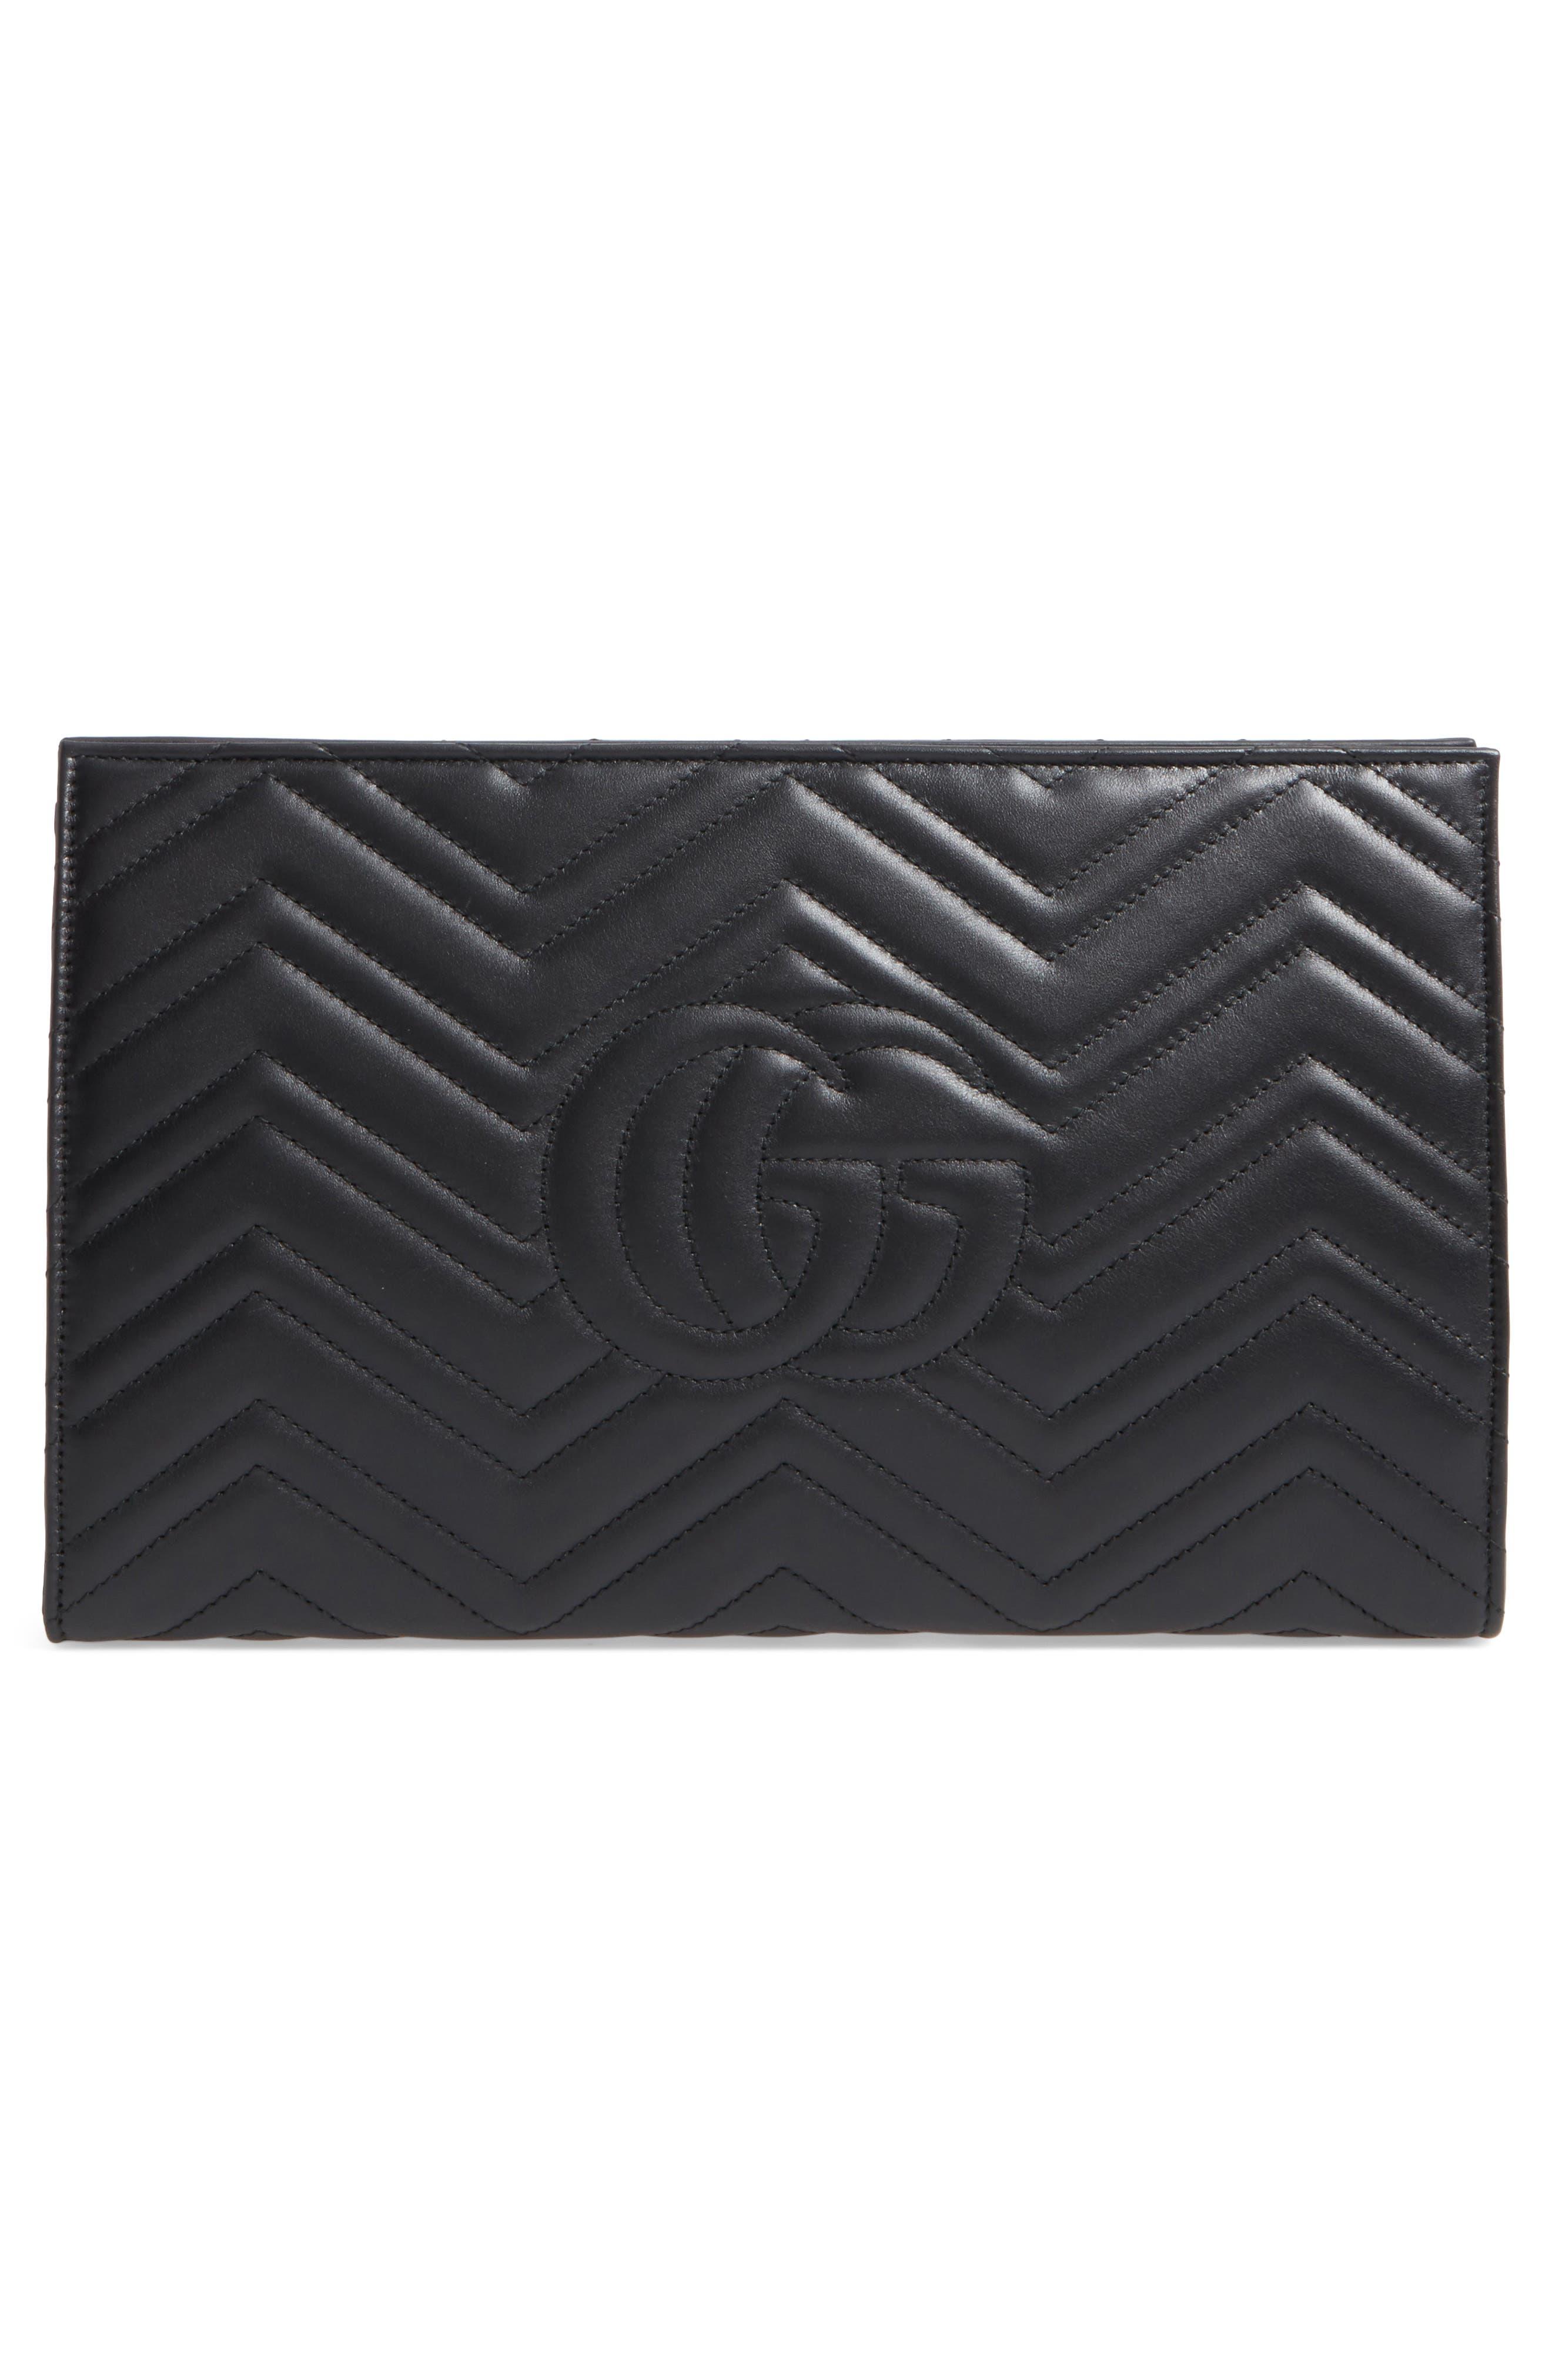 GG Marmont Matelassé Leather Clutch,                             Alternate thumbnail 3, color,                             Nero